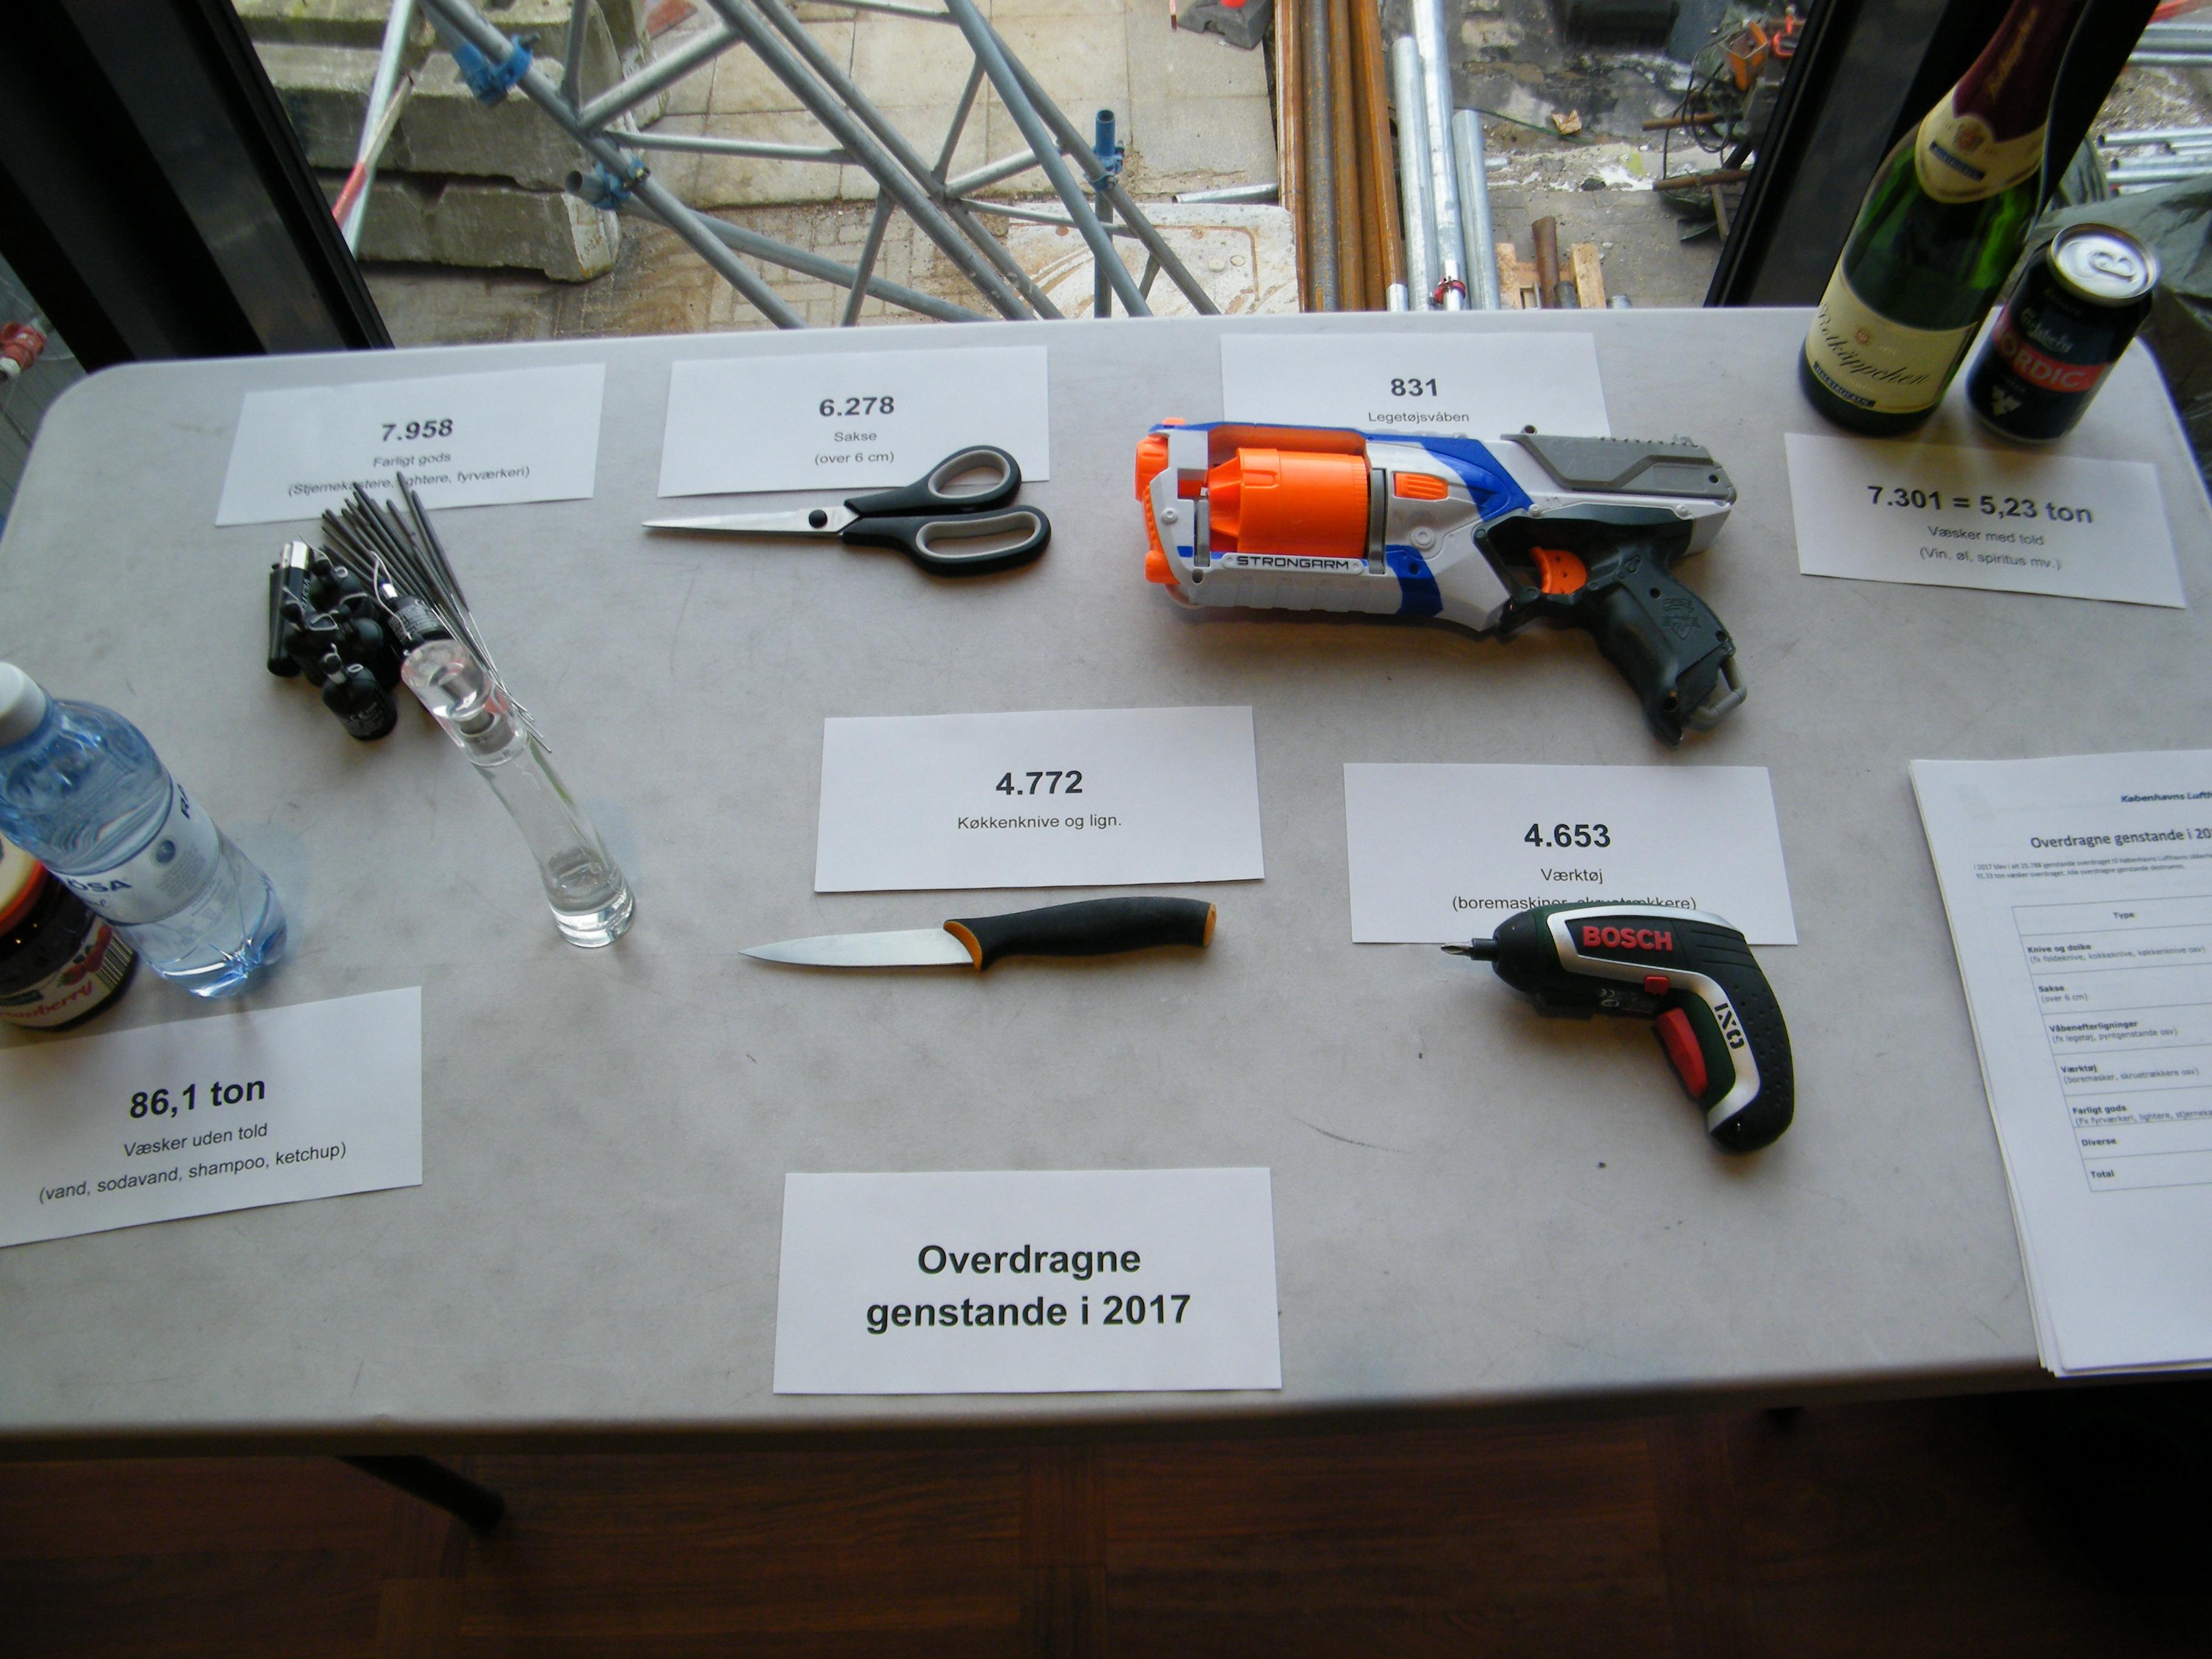 Eksempler i Københavns Lufthavn på konfiskerede genstande fra passagernes håndbagage.